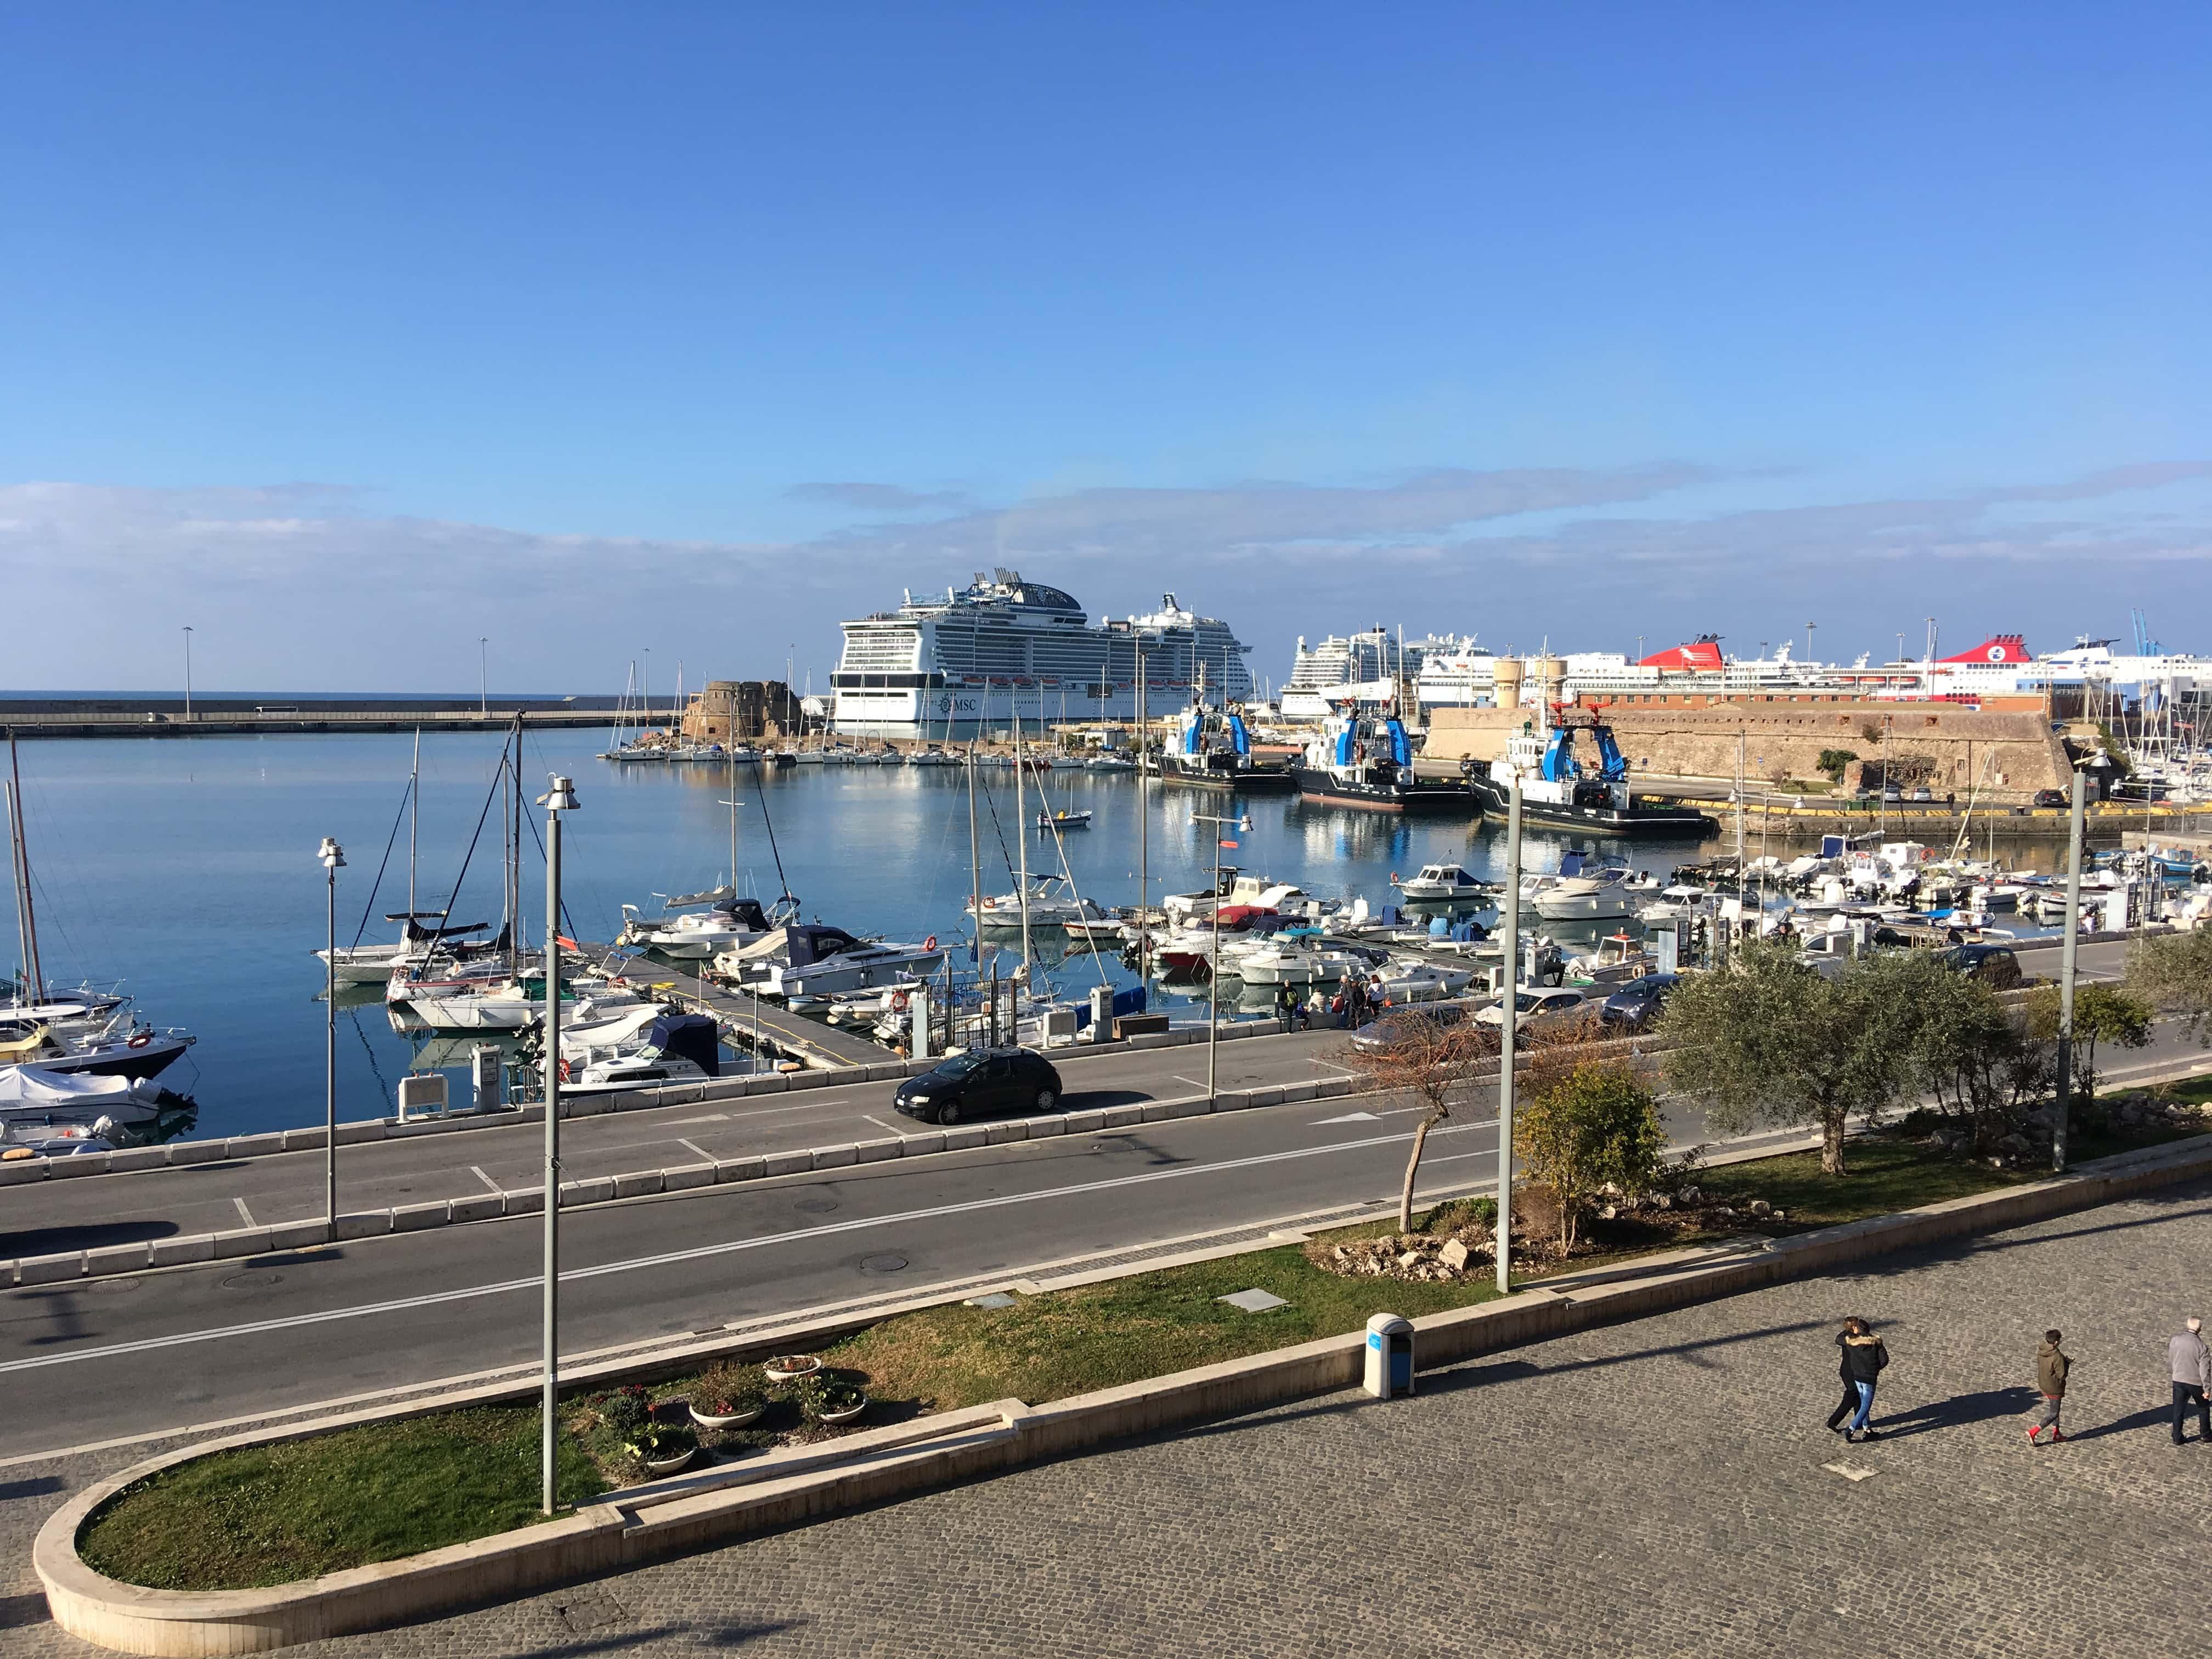 msc meraviglia in civitavecchia rome cruise ship